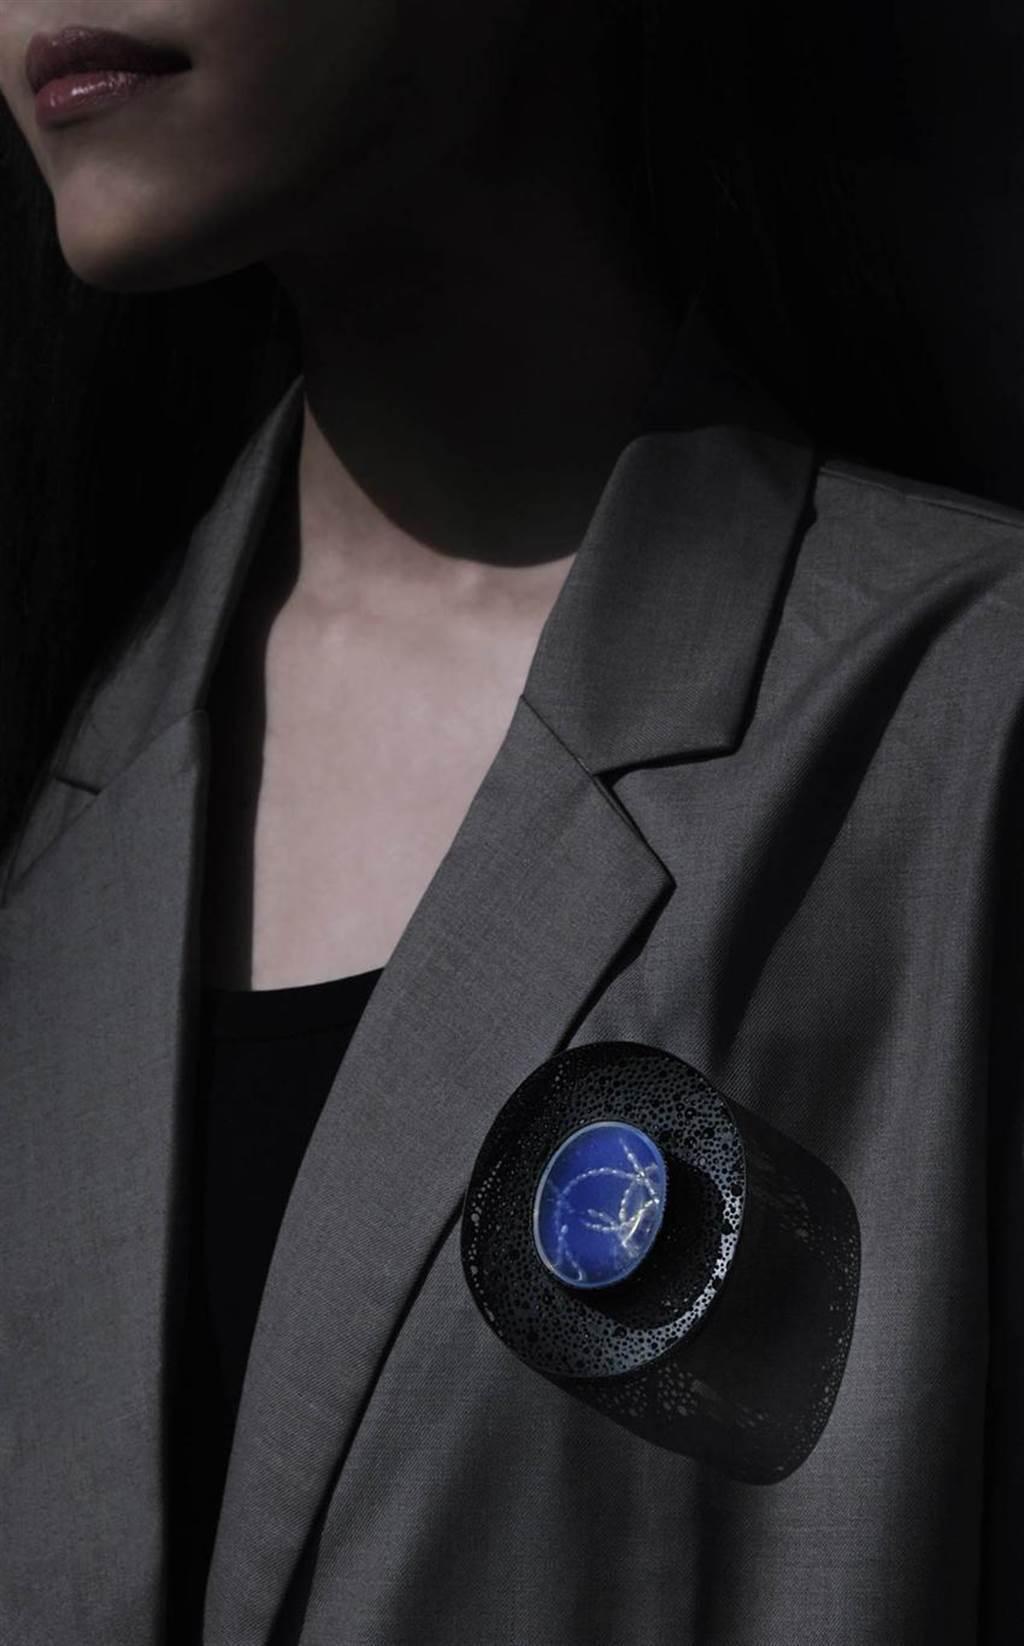 (ALIEN美術館餐廳空間規劃藝術精品概念選物計畫,展出當代首飾藝術家謝旻玲的作品。圖/金馬賓館當代美術館提供)